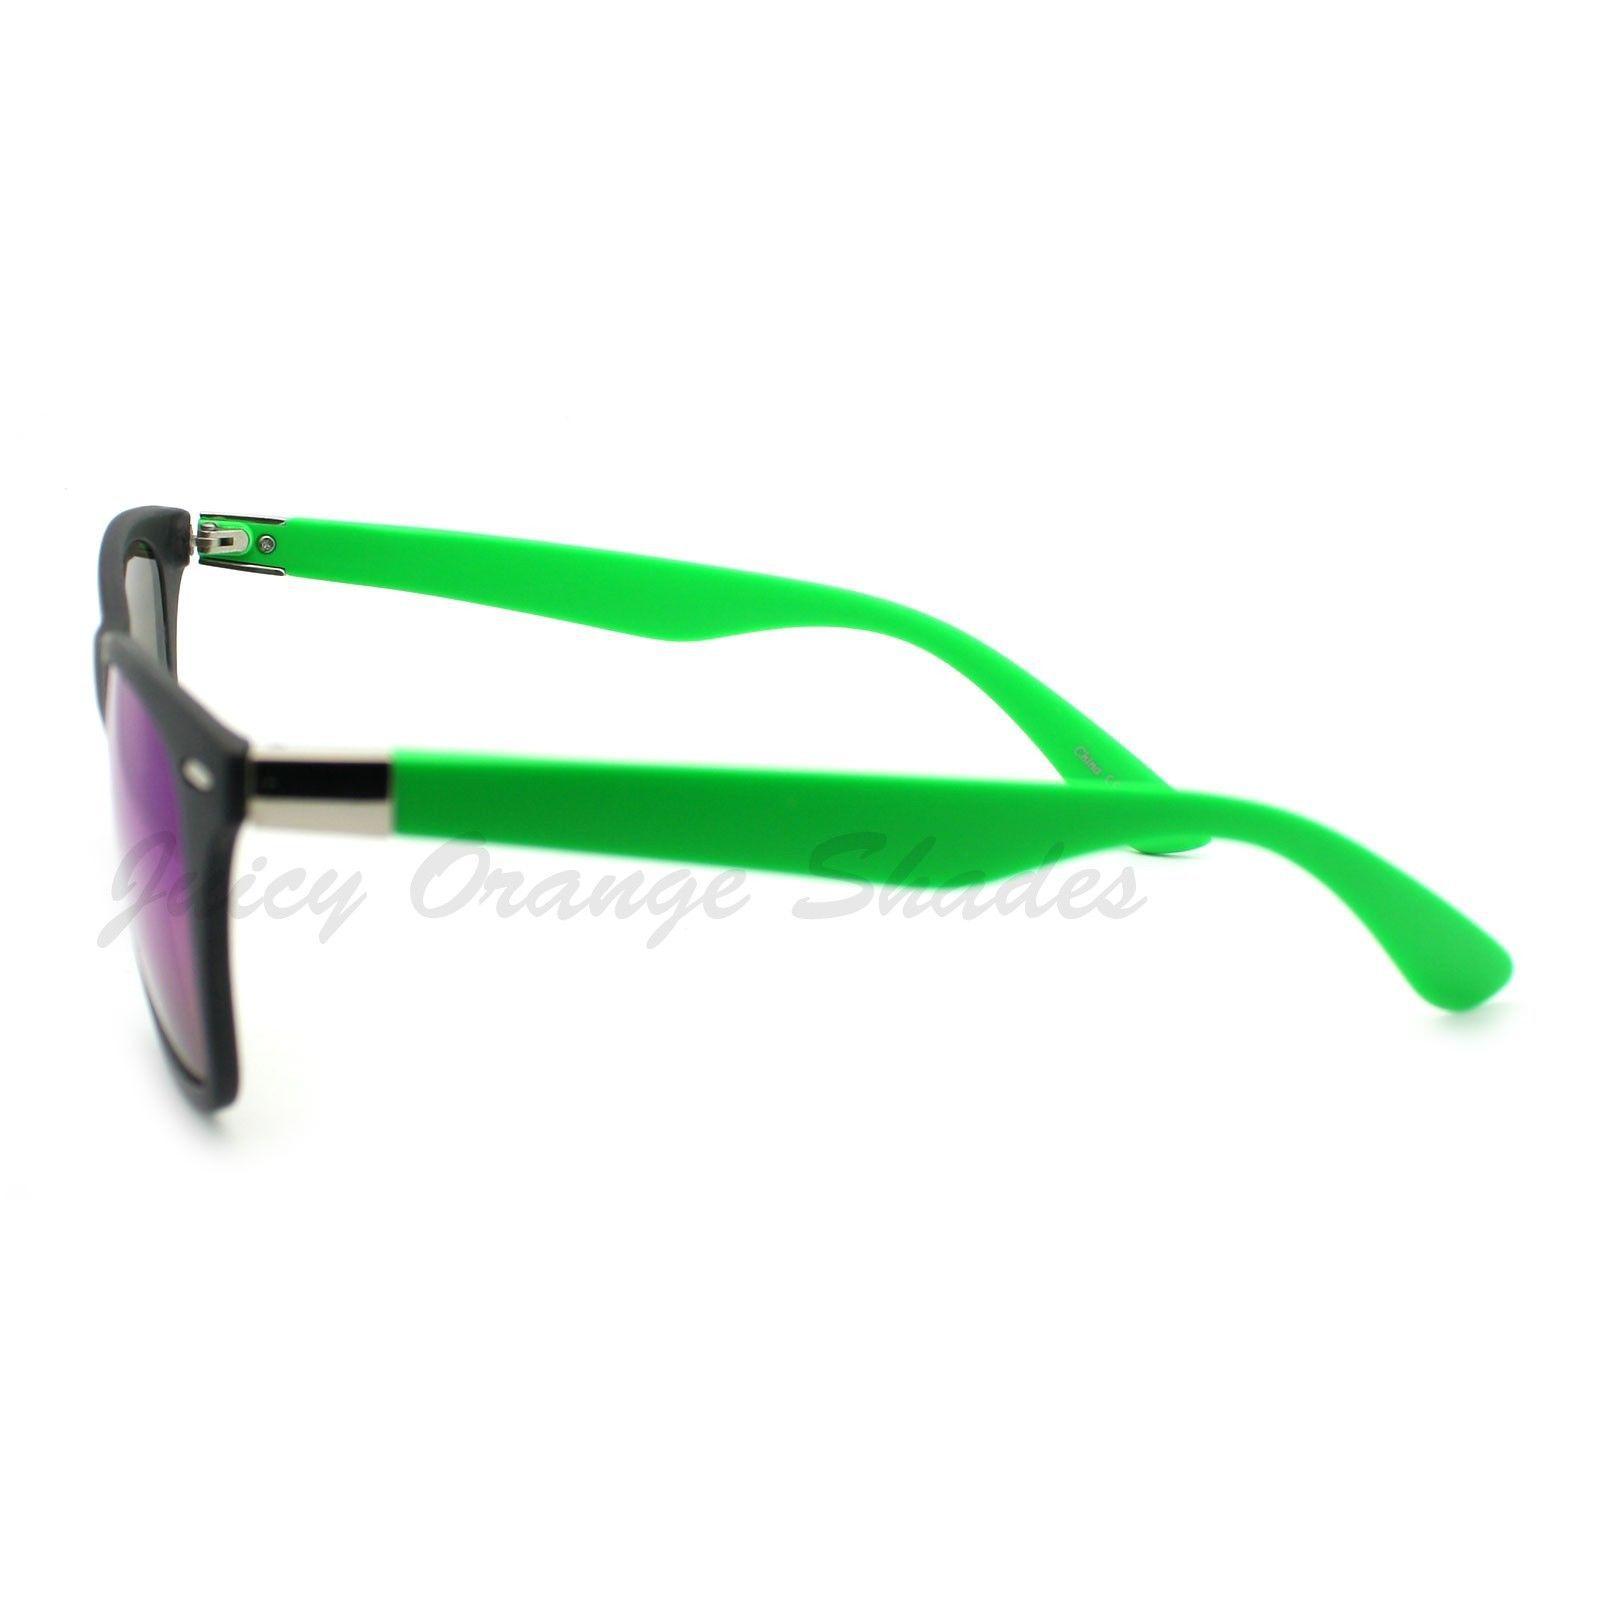 Thin Square Horn Rimmed Sunglasses Classic & 2-tones Unisex